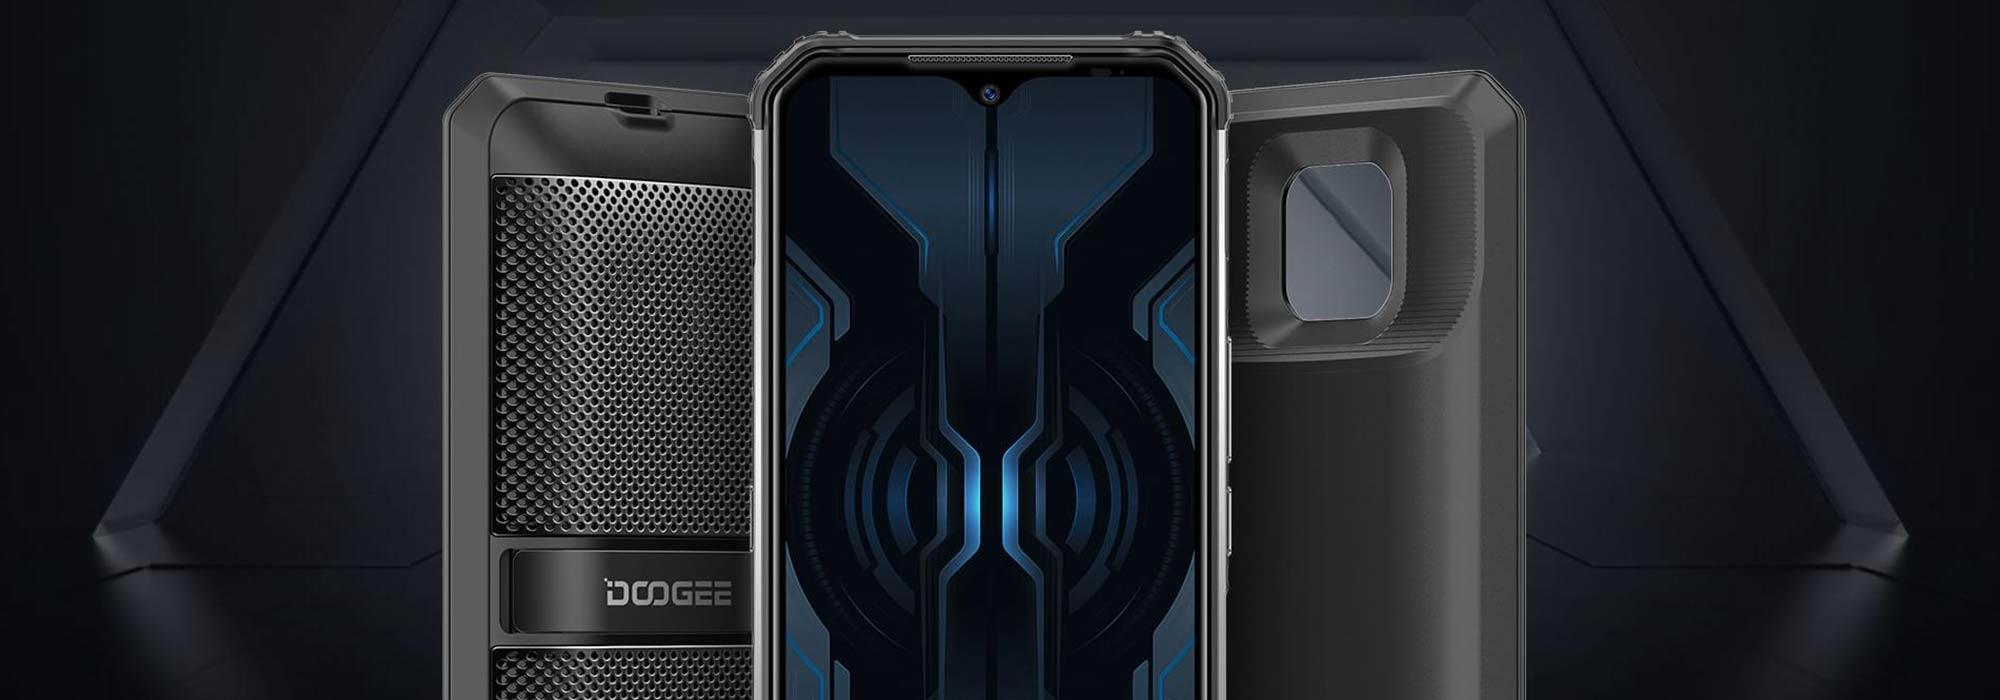 DOOGEE S95 Pro: Modulares Outdoor-Smartphone im Test